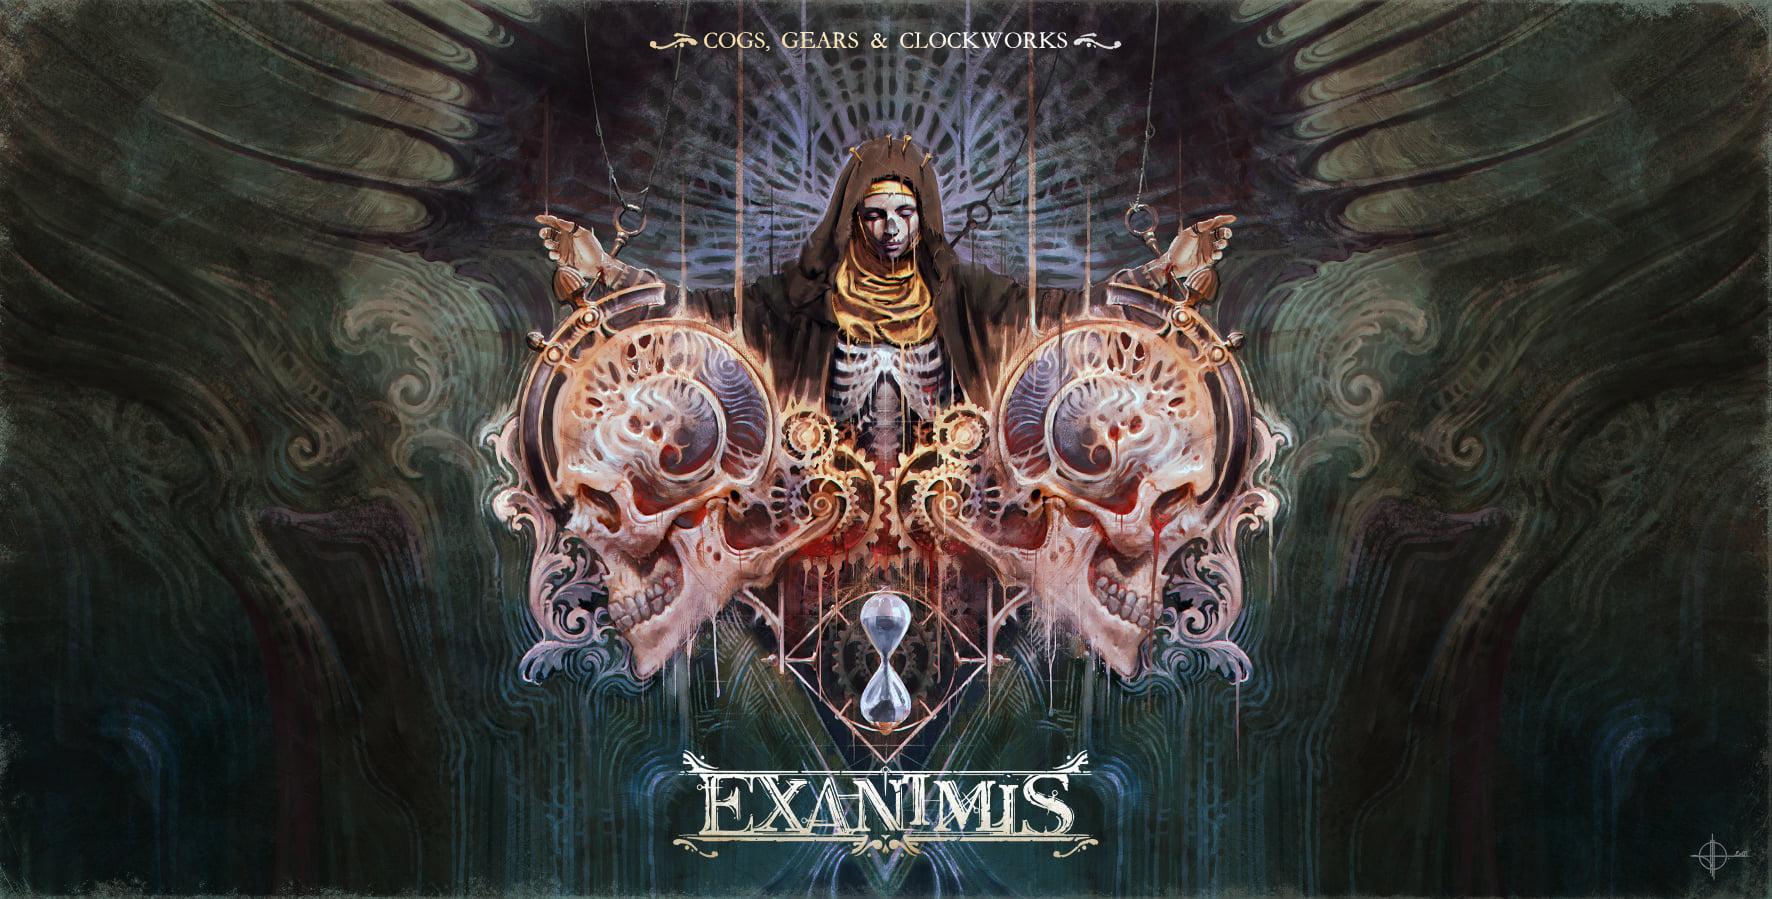 Exanimis artwork inside